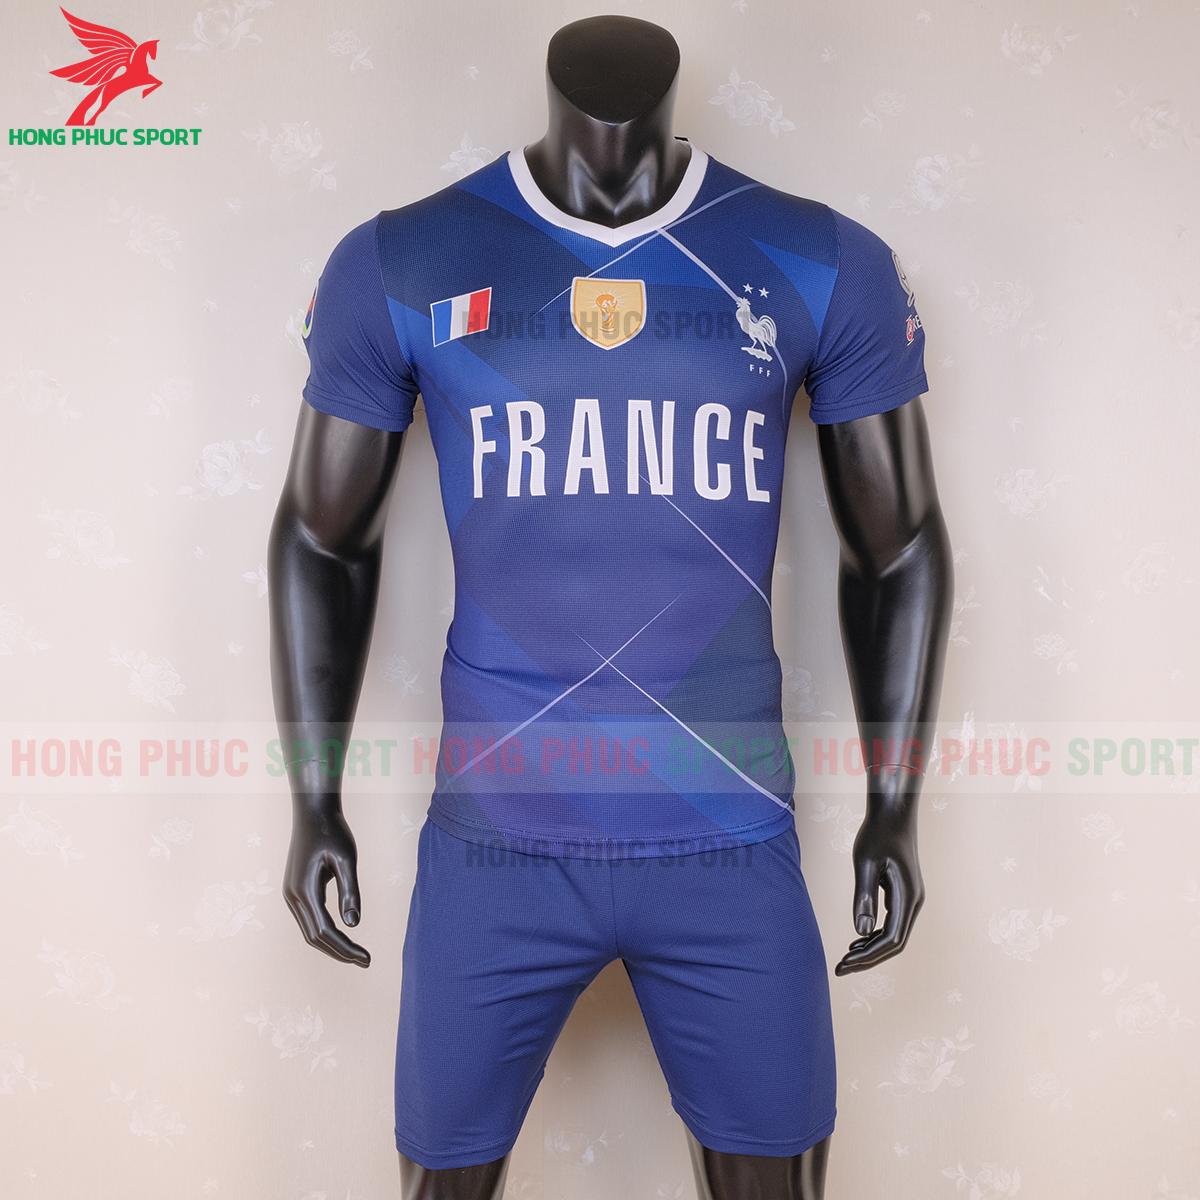 Áo đấu tuyển Pháp 2020 phiên bản Fan (trước)